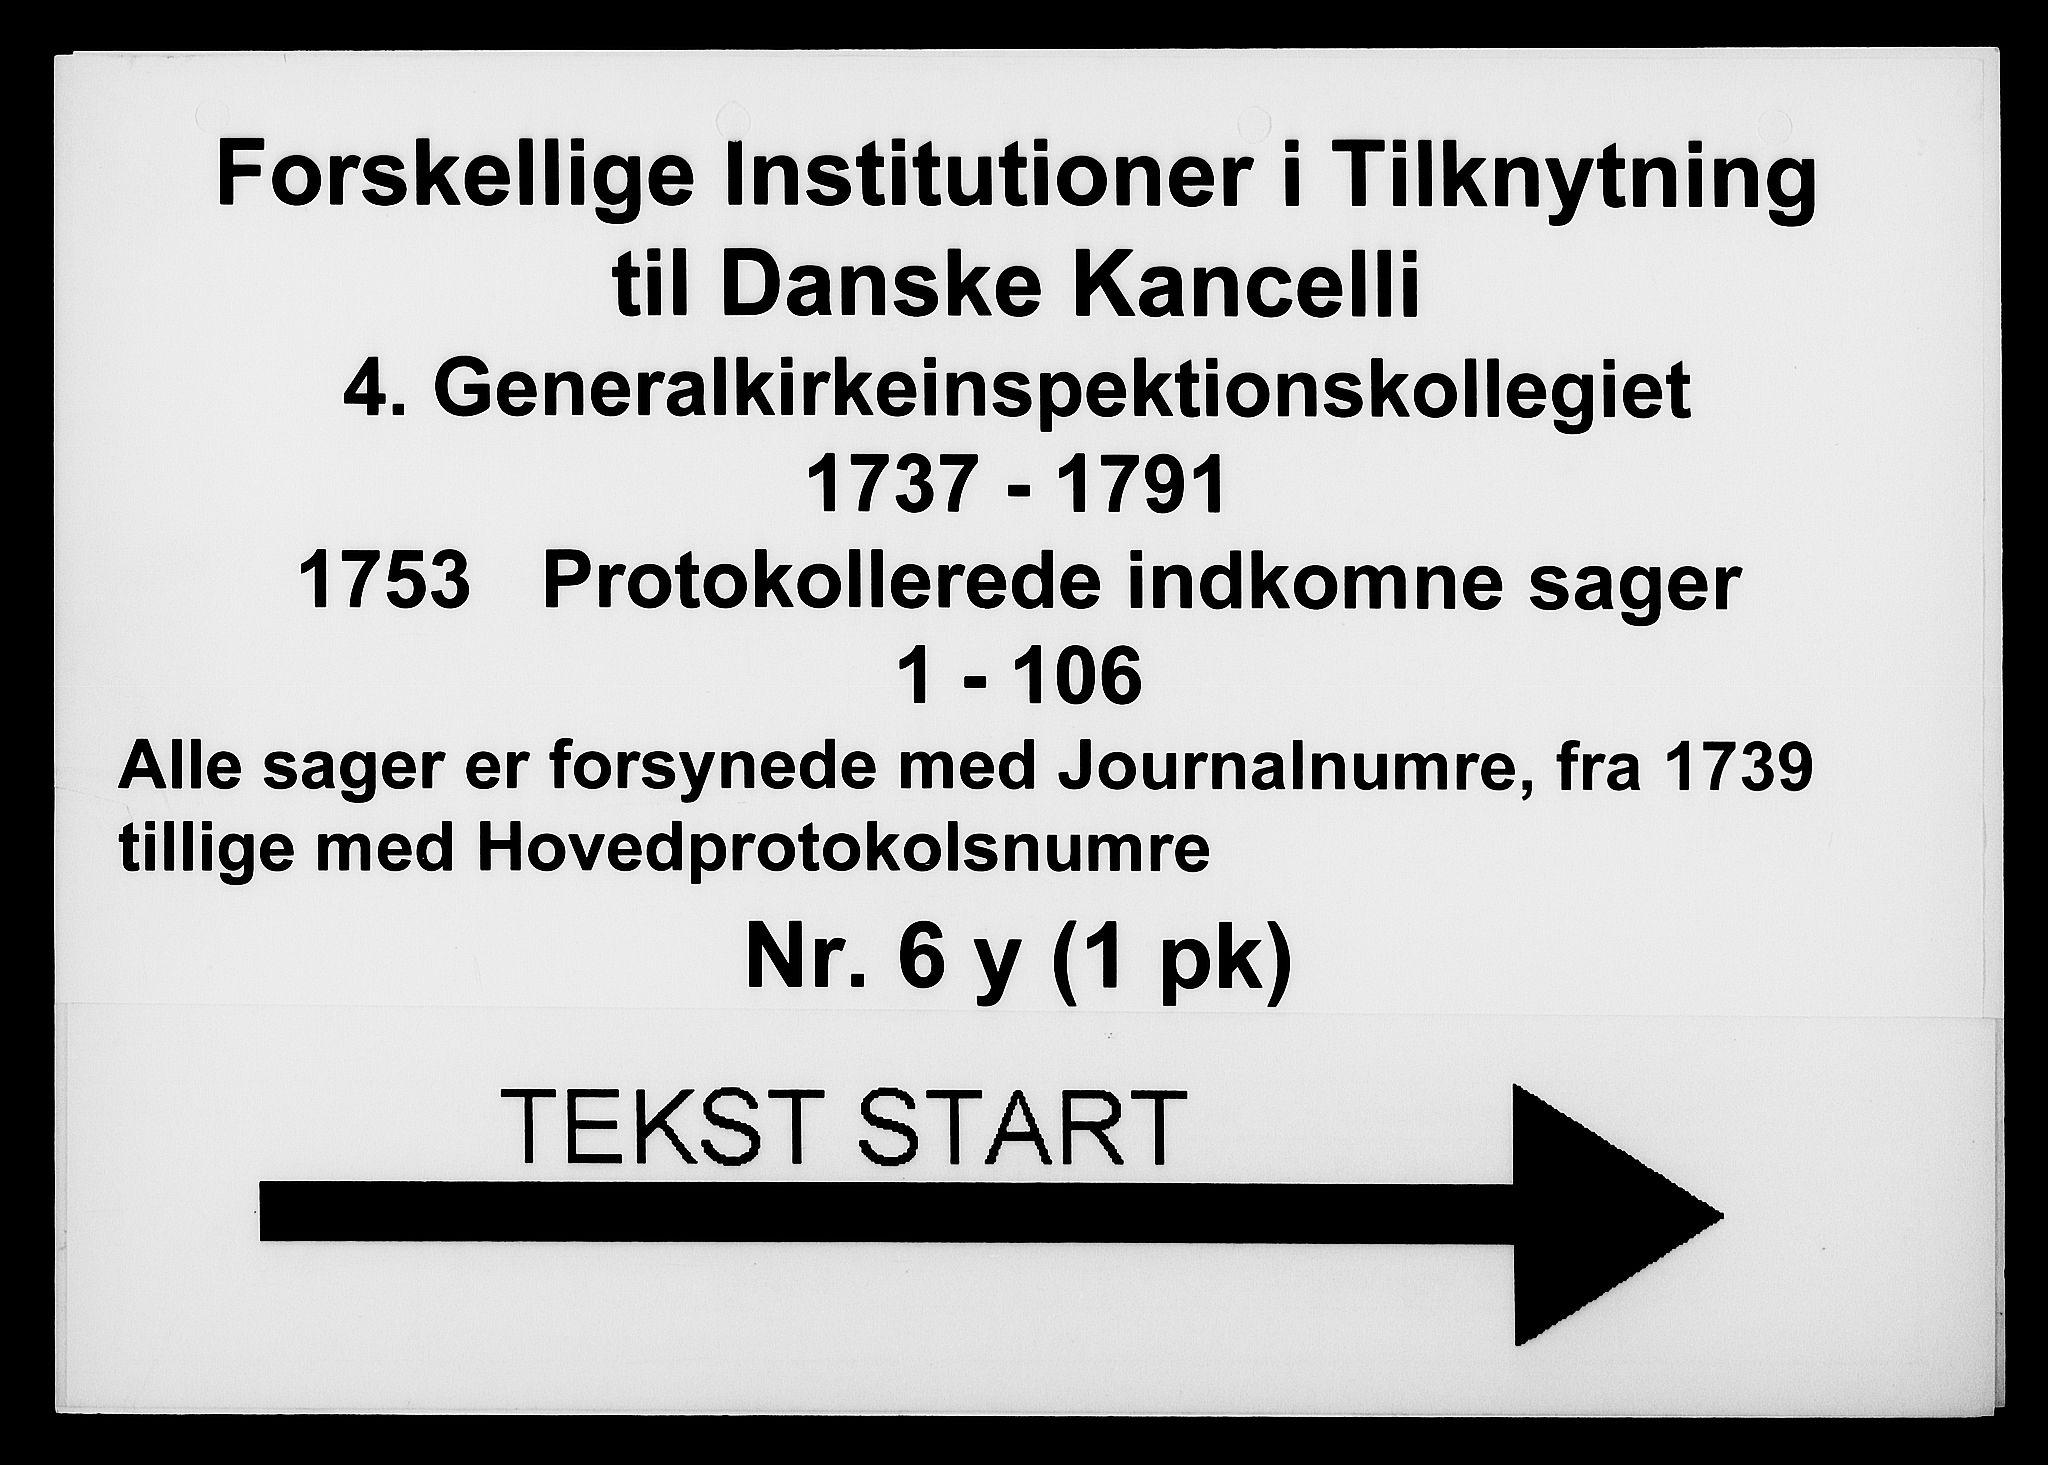 DRA, Generalkirkeinspektionskollegiet, F4-06/F4-06-24: Protokollerede indkomne sager, 1753